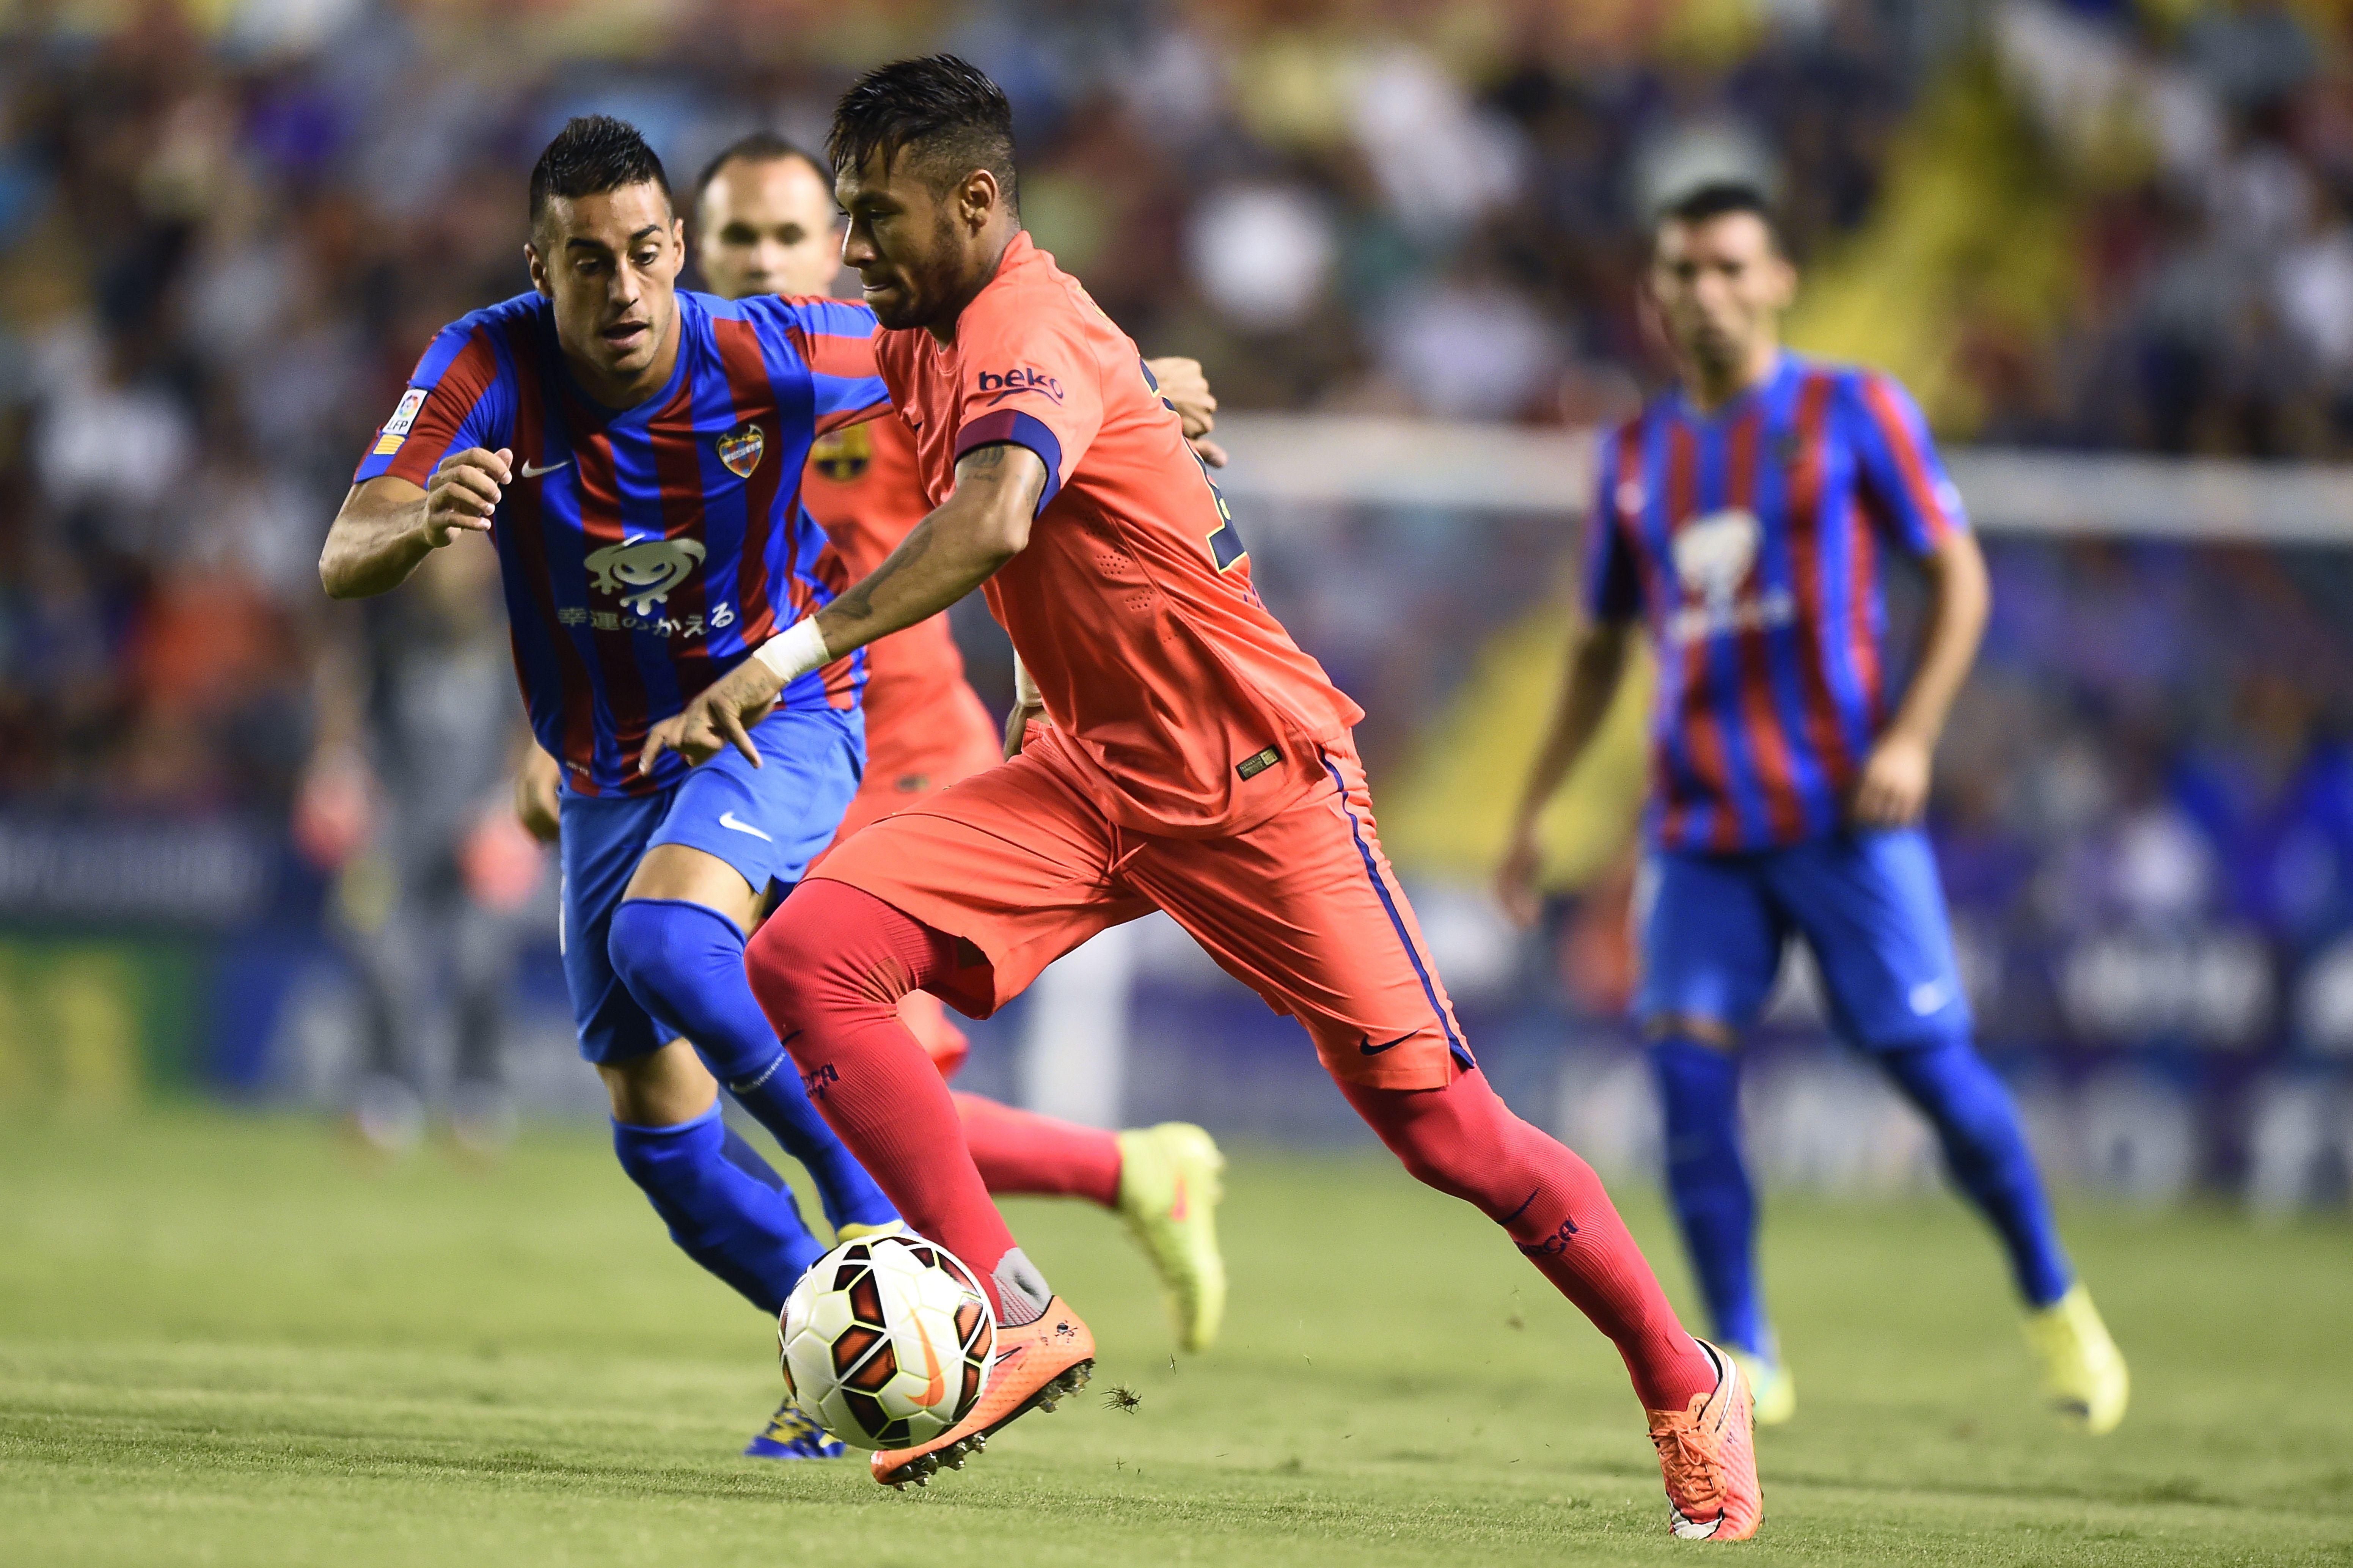 Neymar Prende Una Botta Alla Caviglia Sarrabbia La